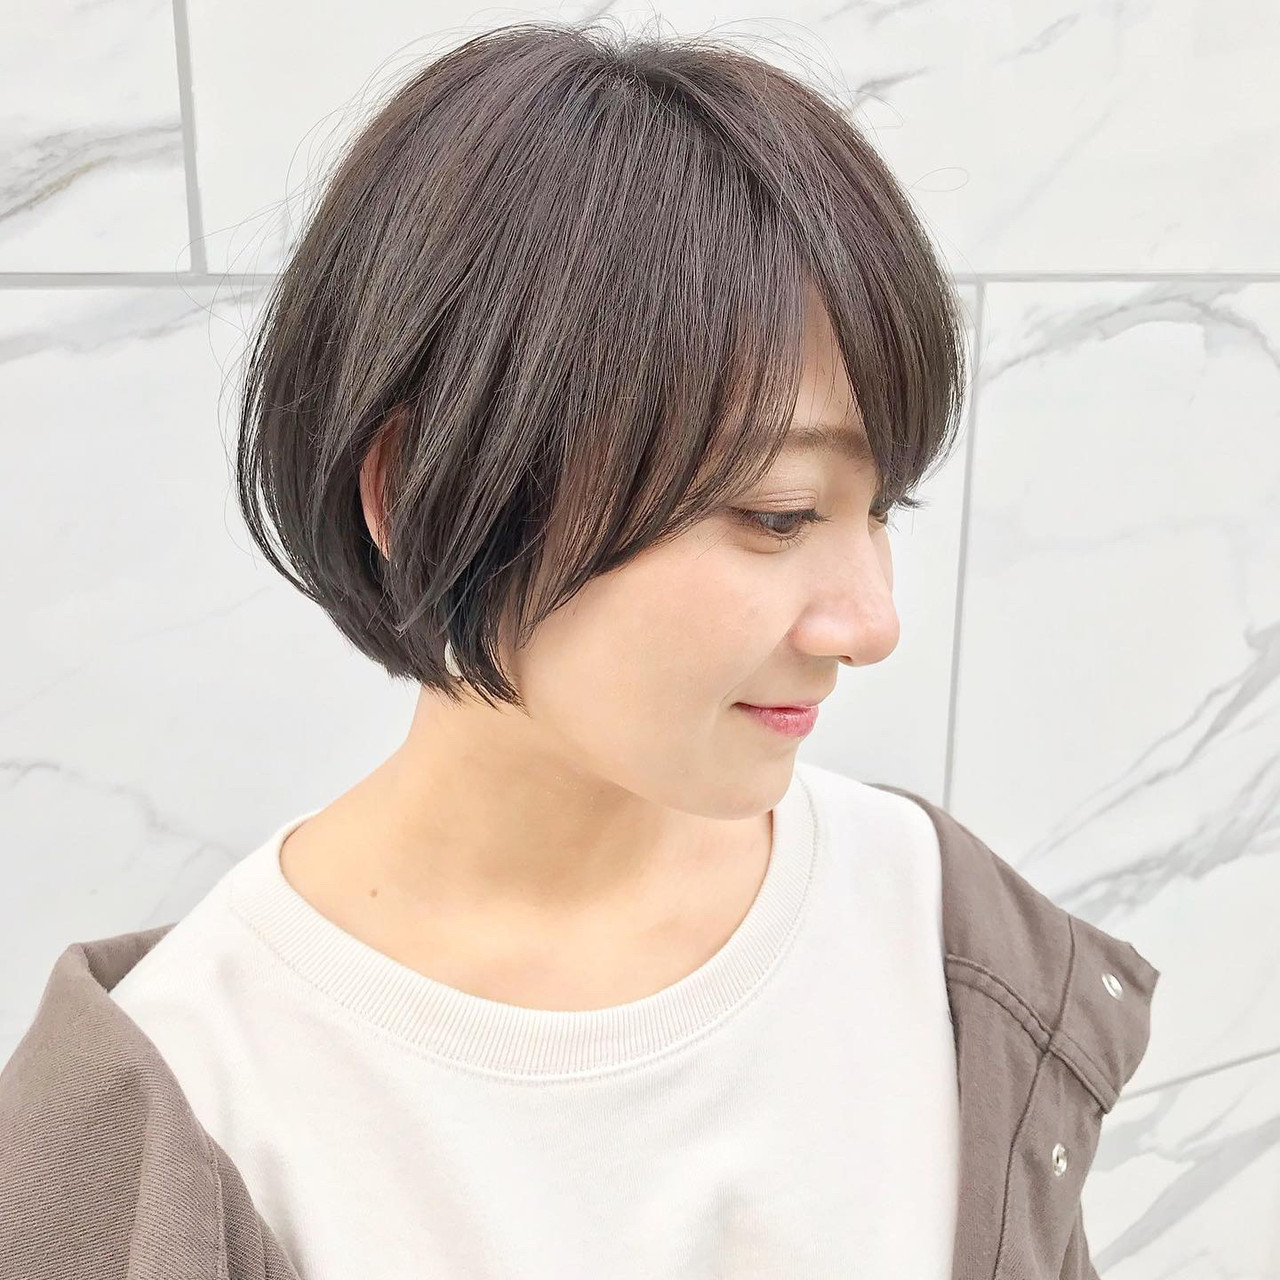 ボブ ショートヘア ナチュラル インナーカラー ヘアスタイルや髪型の写真・画像 | 贄田清也 / Roamer